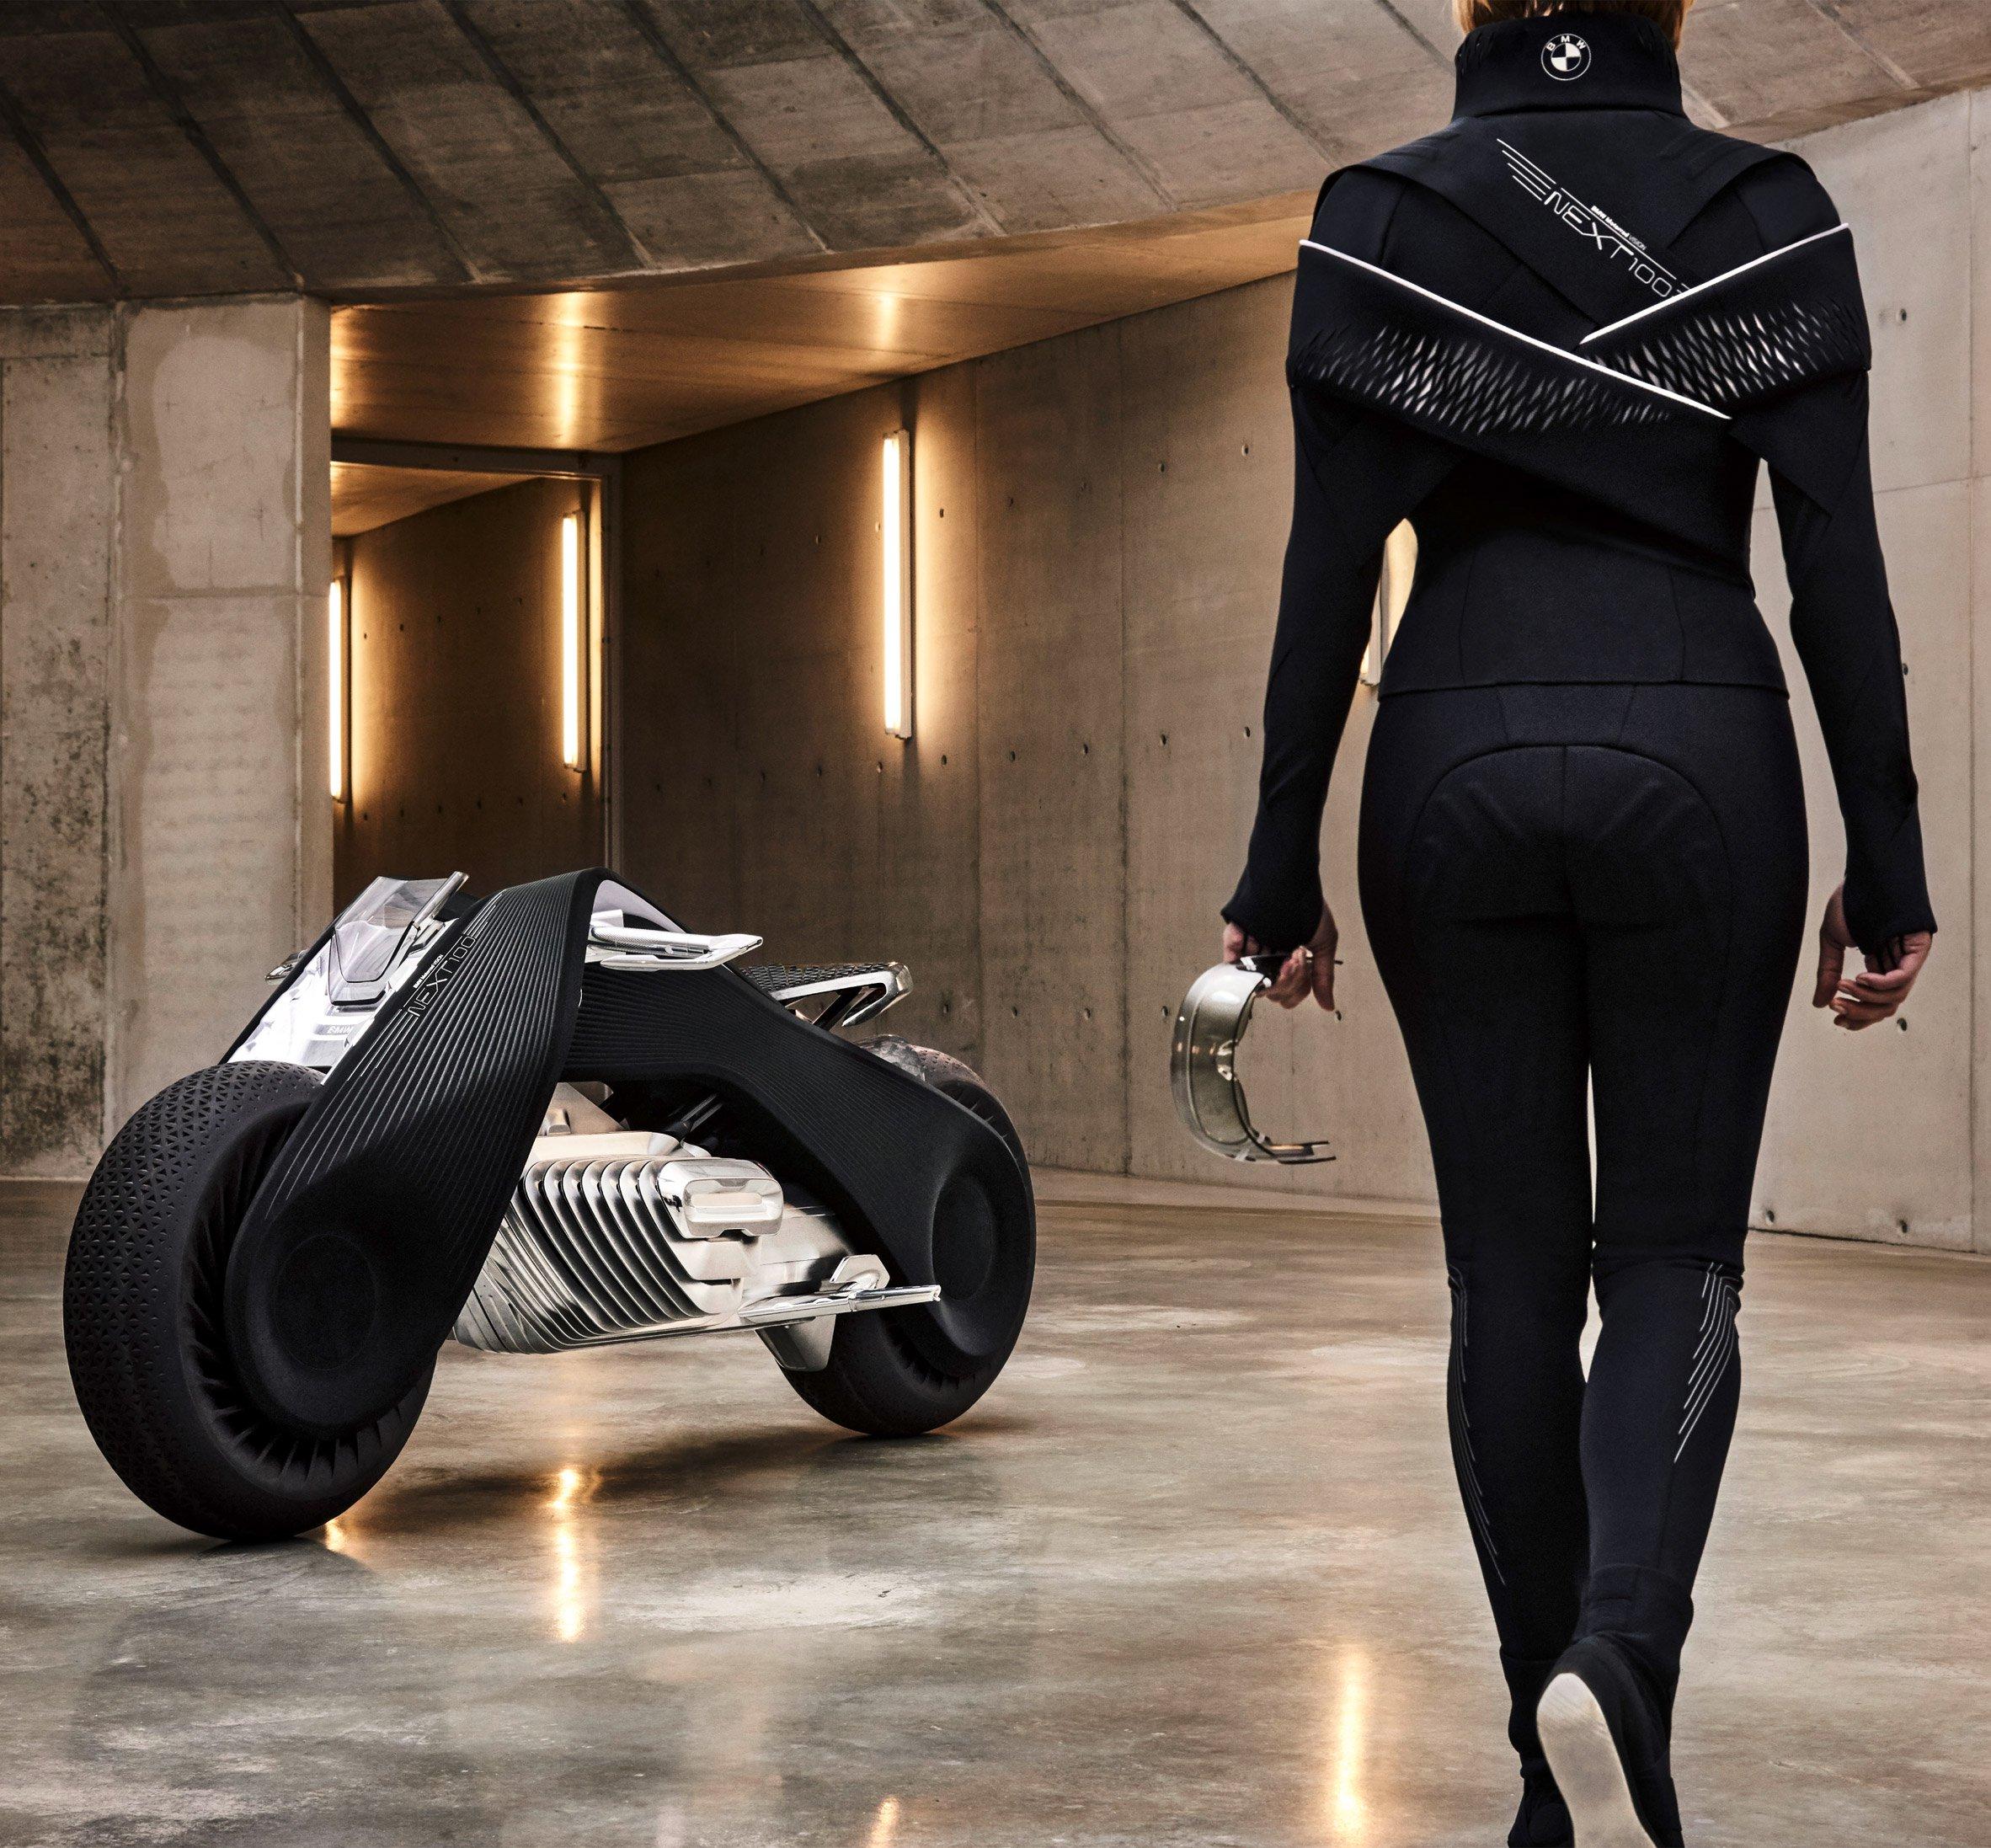 bmw-motorbike-vision-next-100-transport-vehicle-design_dezeen_2364_col_3